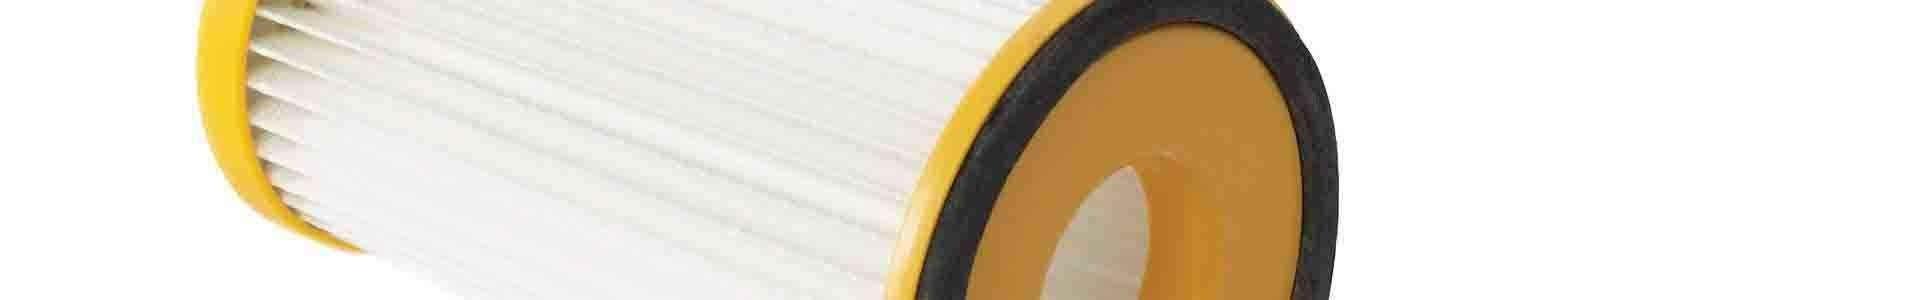 filter für staubsauger, hepa-filter | www.servimenaje.es